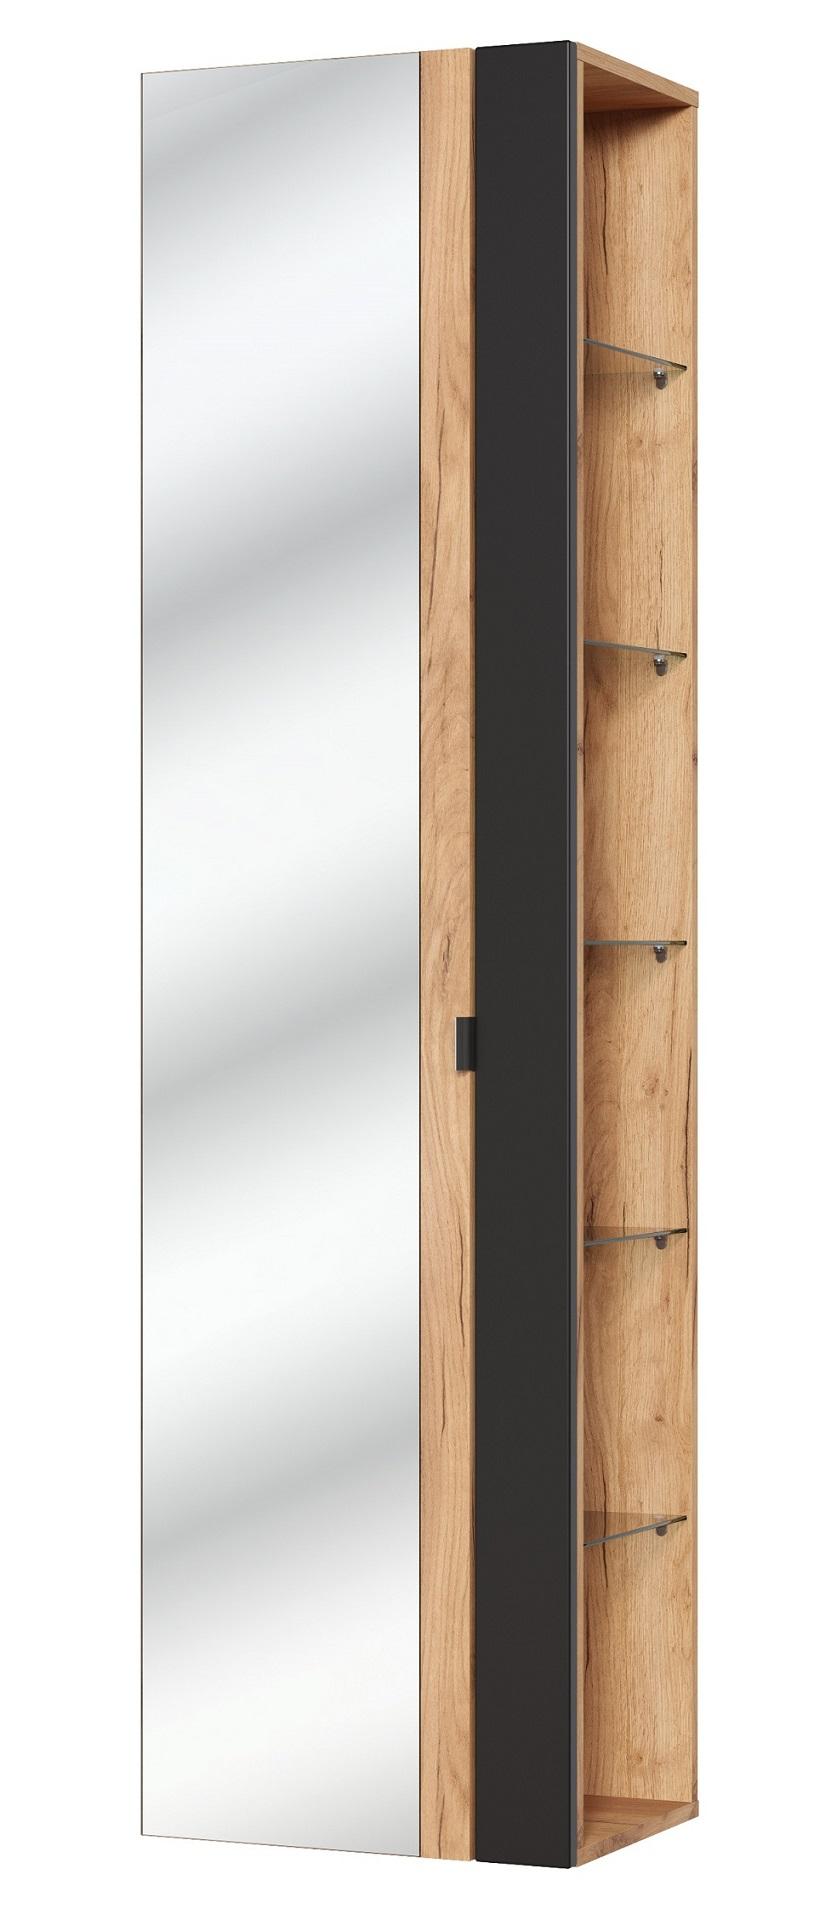 ArtCom Kúpeľňová zostava Capri Cosmos | čierny mat Capri Cosmos | čierny mat: Vysoká skrinka so zrkadlom 803